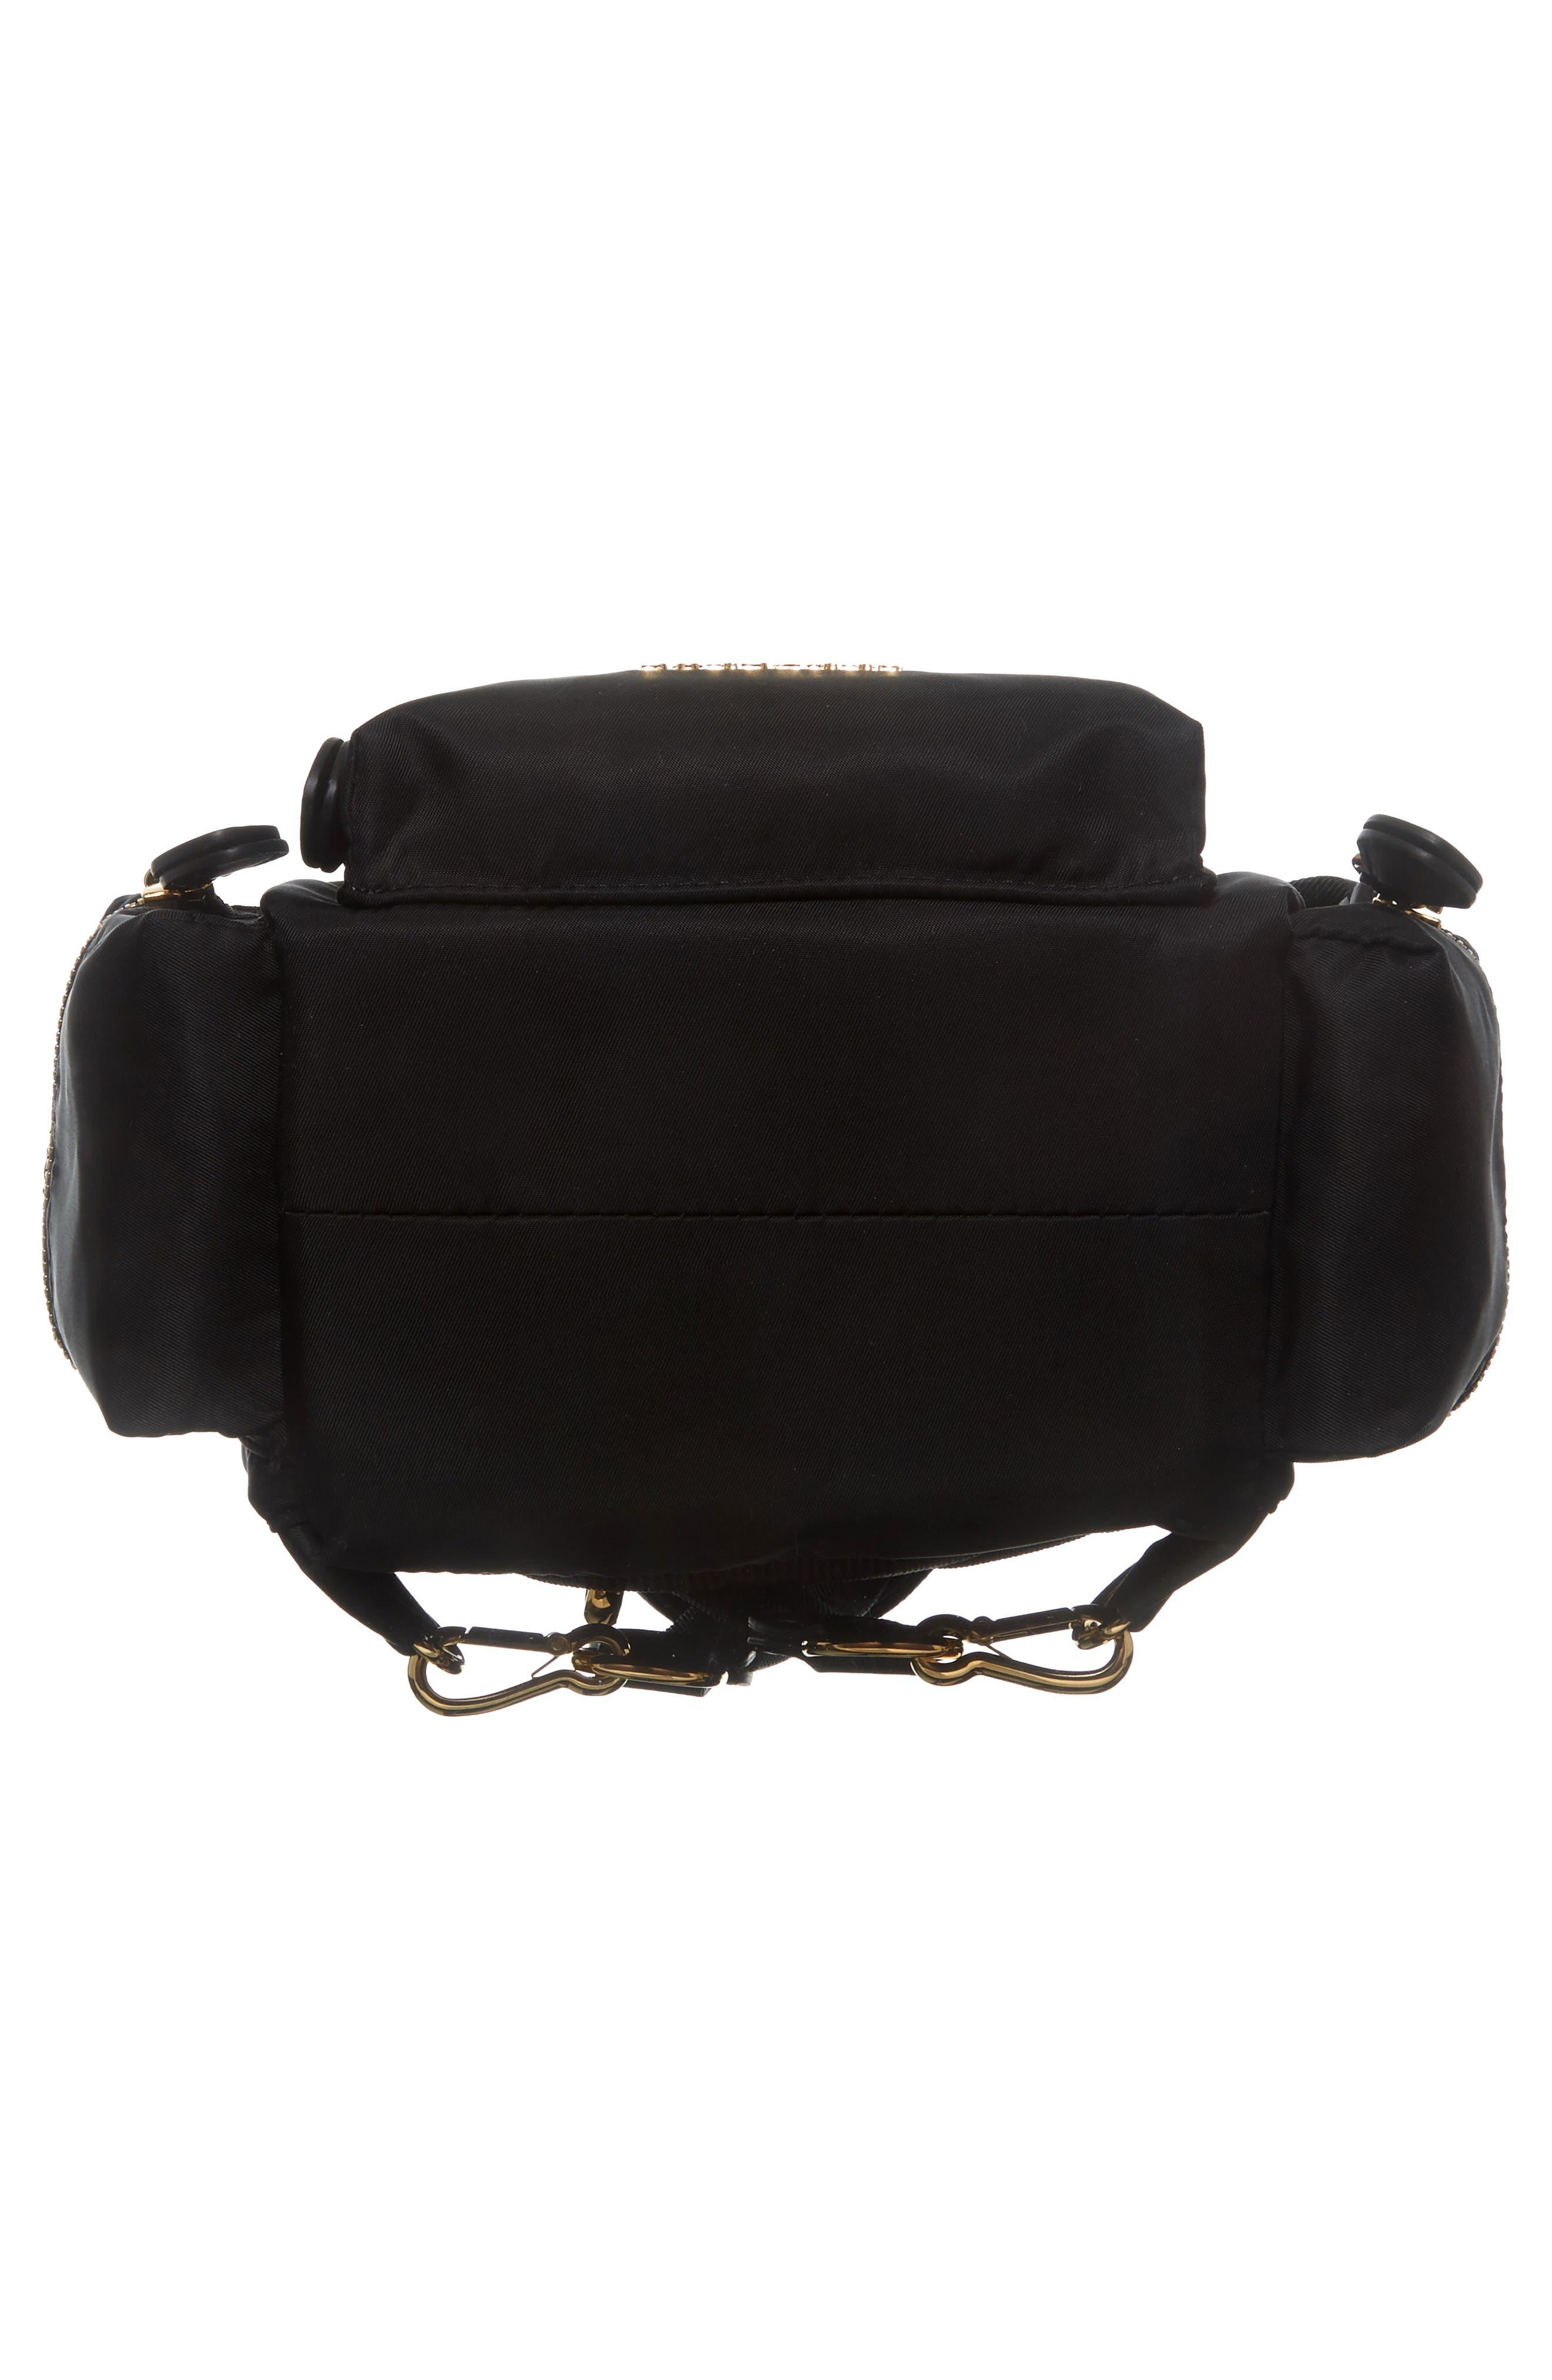 Small Rucksack Nylon Backpack,                             Alternate thumbnail 6, color,                             Black